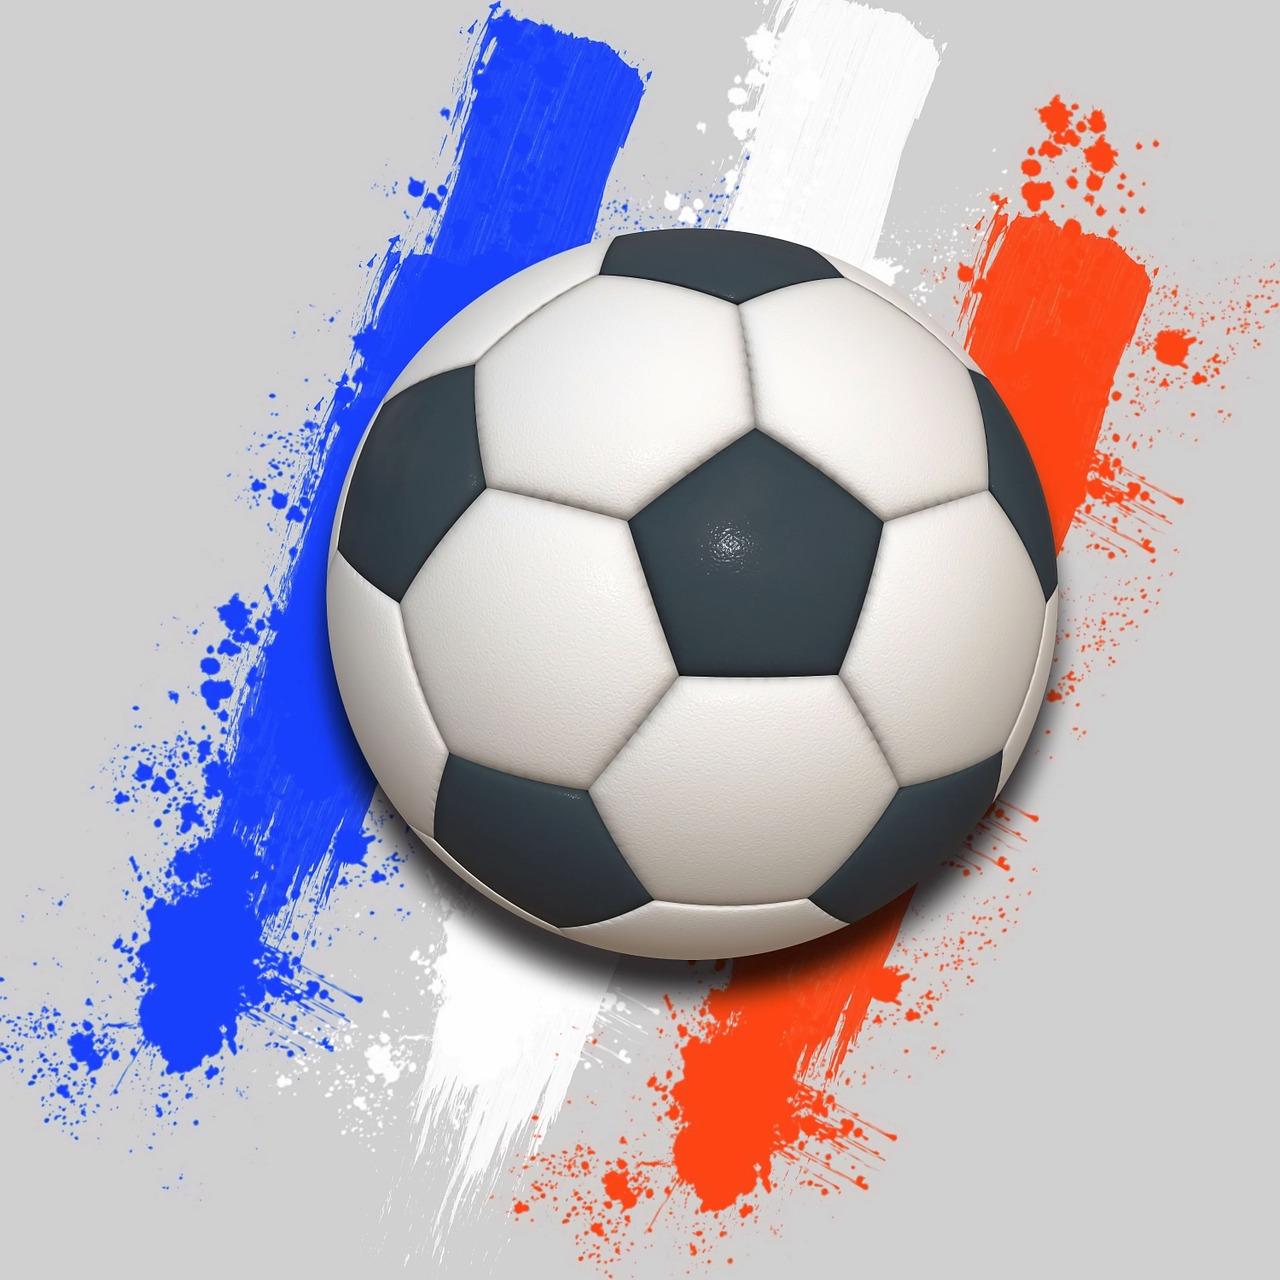 Футбольный мяч смешная картинка